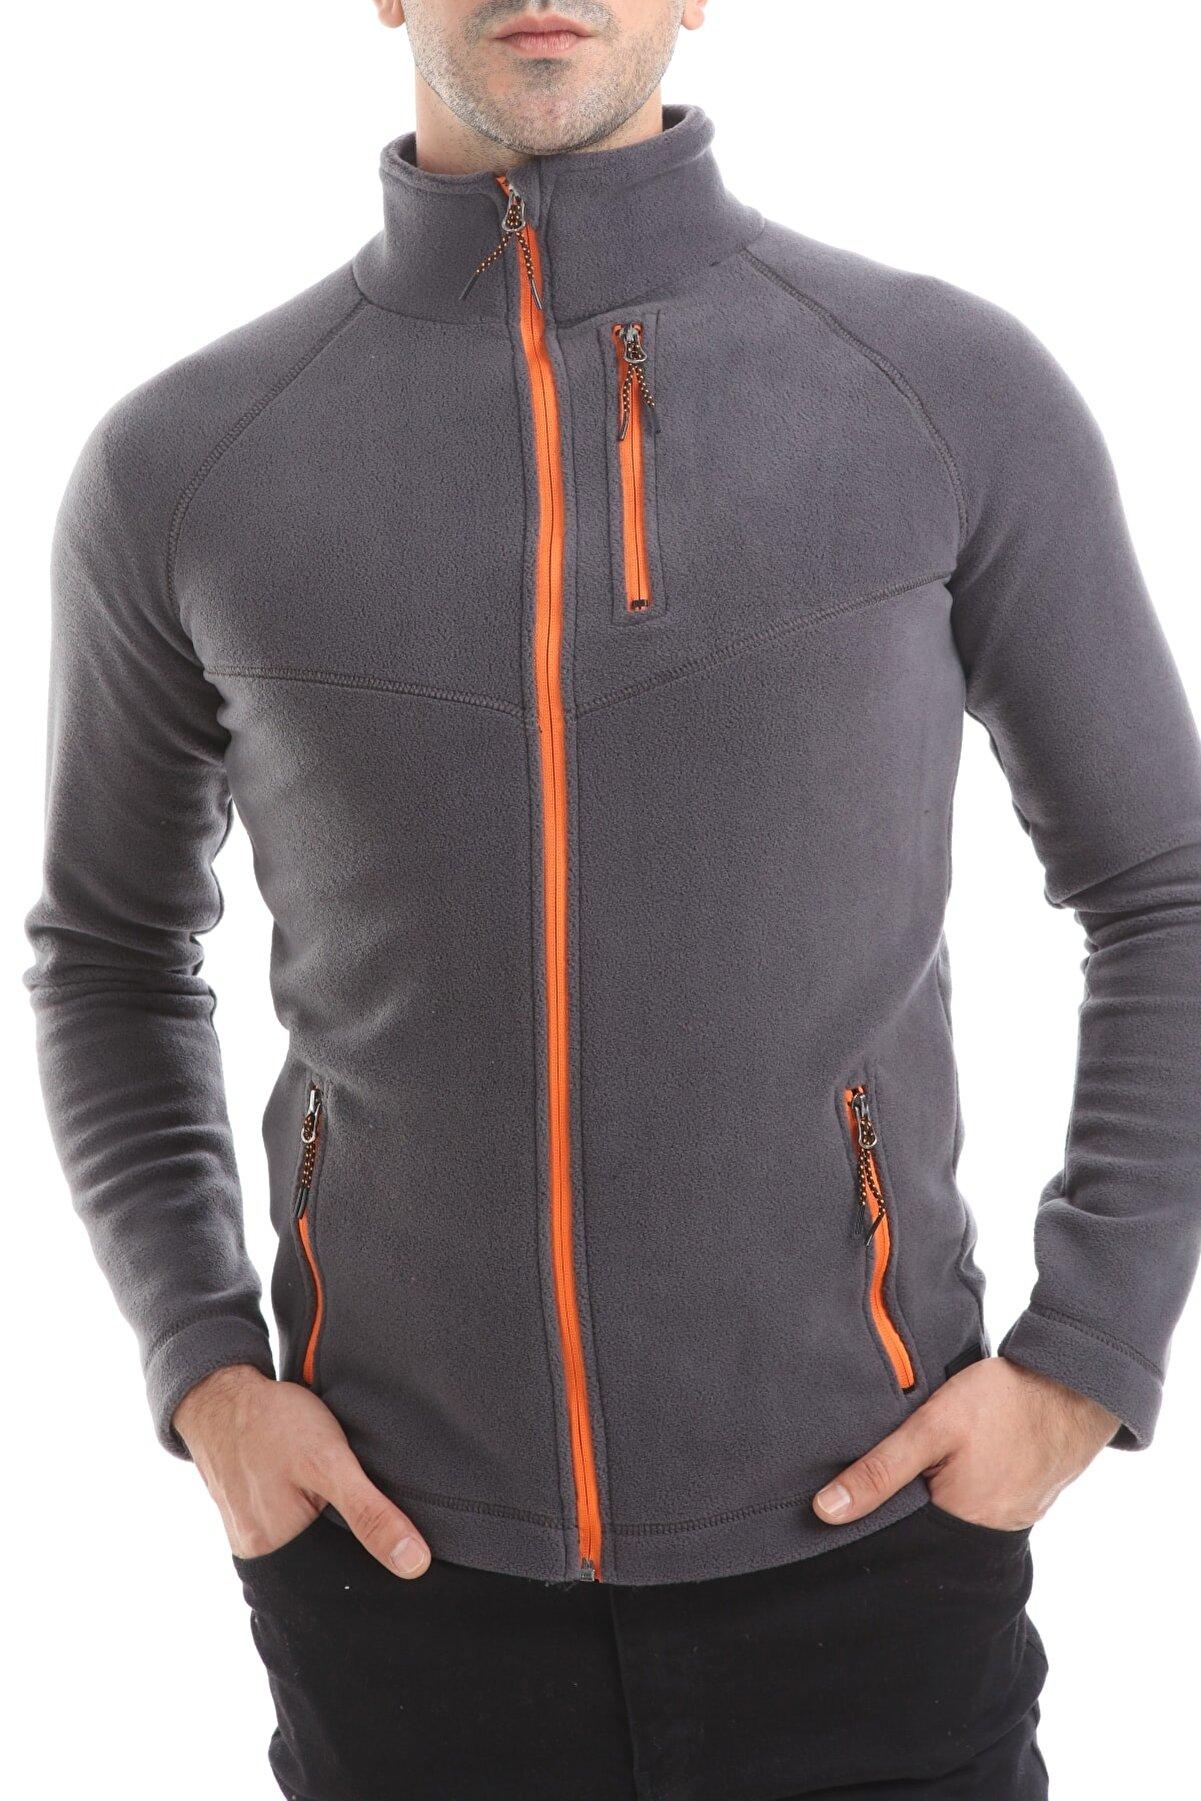 Ghassy Co Erkek Renkli Full Zip Tam Fermuarlı Polar Ceket